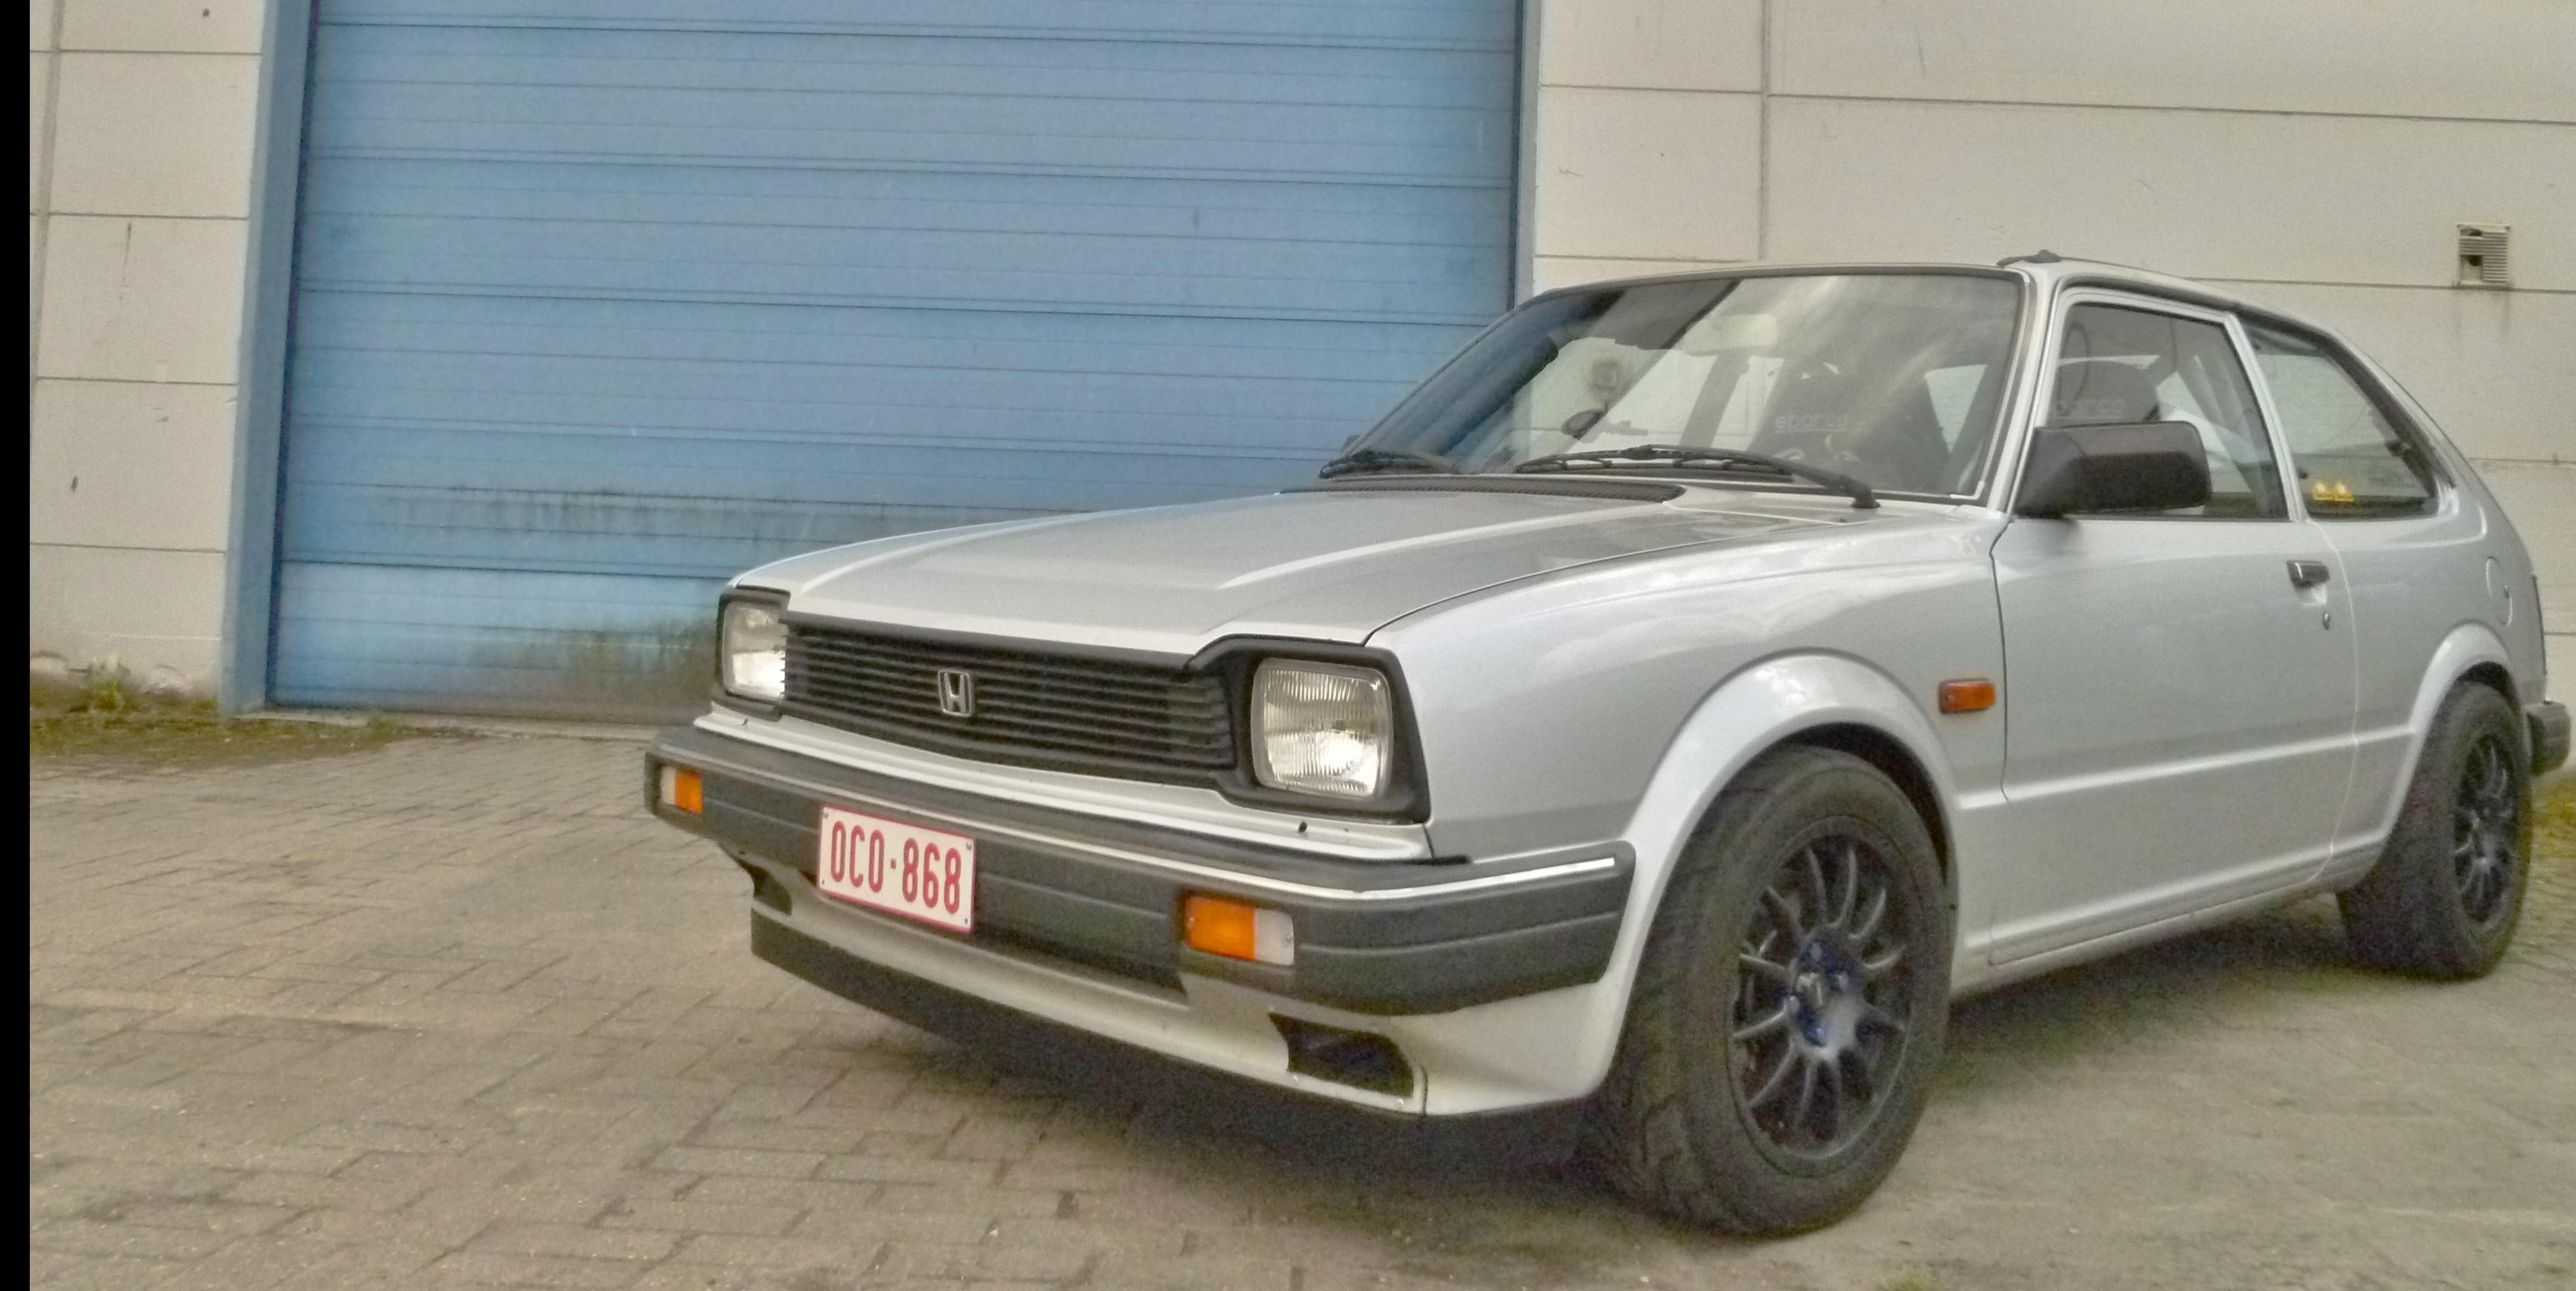 Honda Civic II 1979 - 1983 Sedan #6